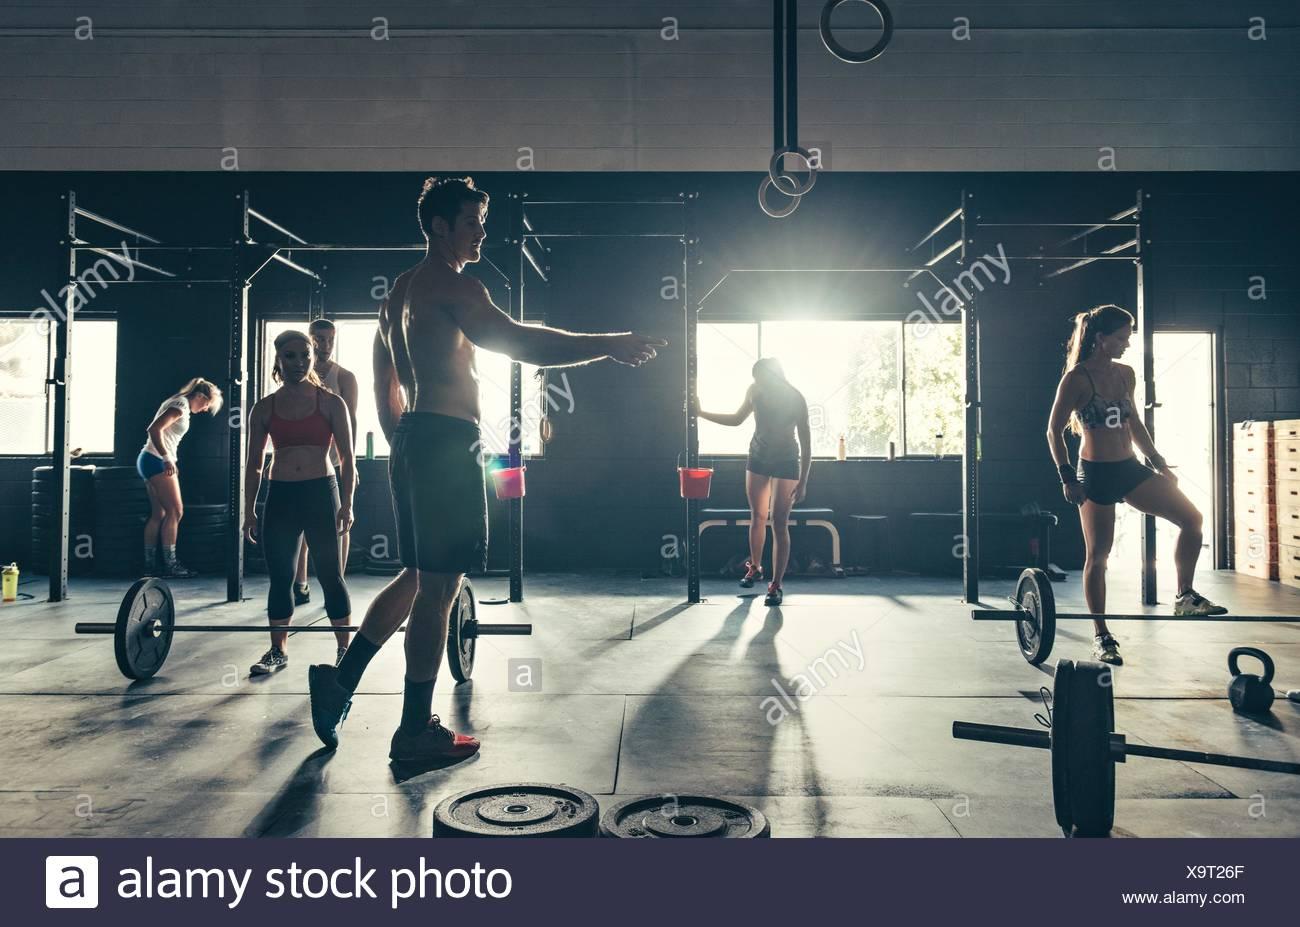 La préparation de l'équipe de sport pour la formation Photo Stock